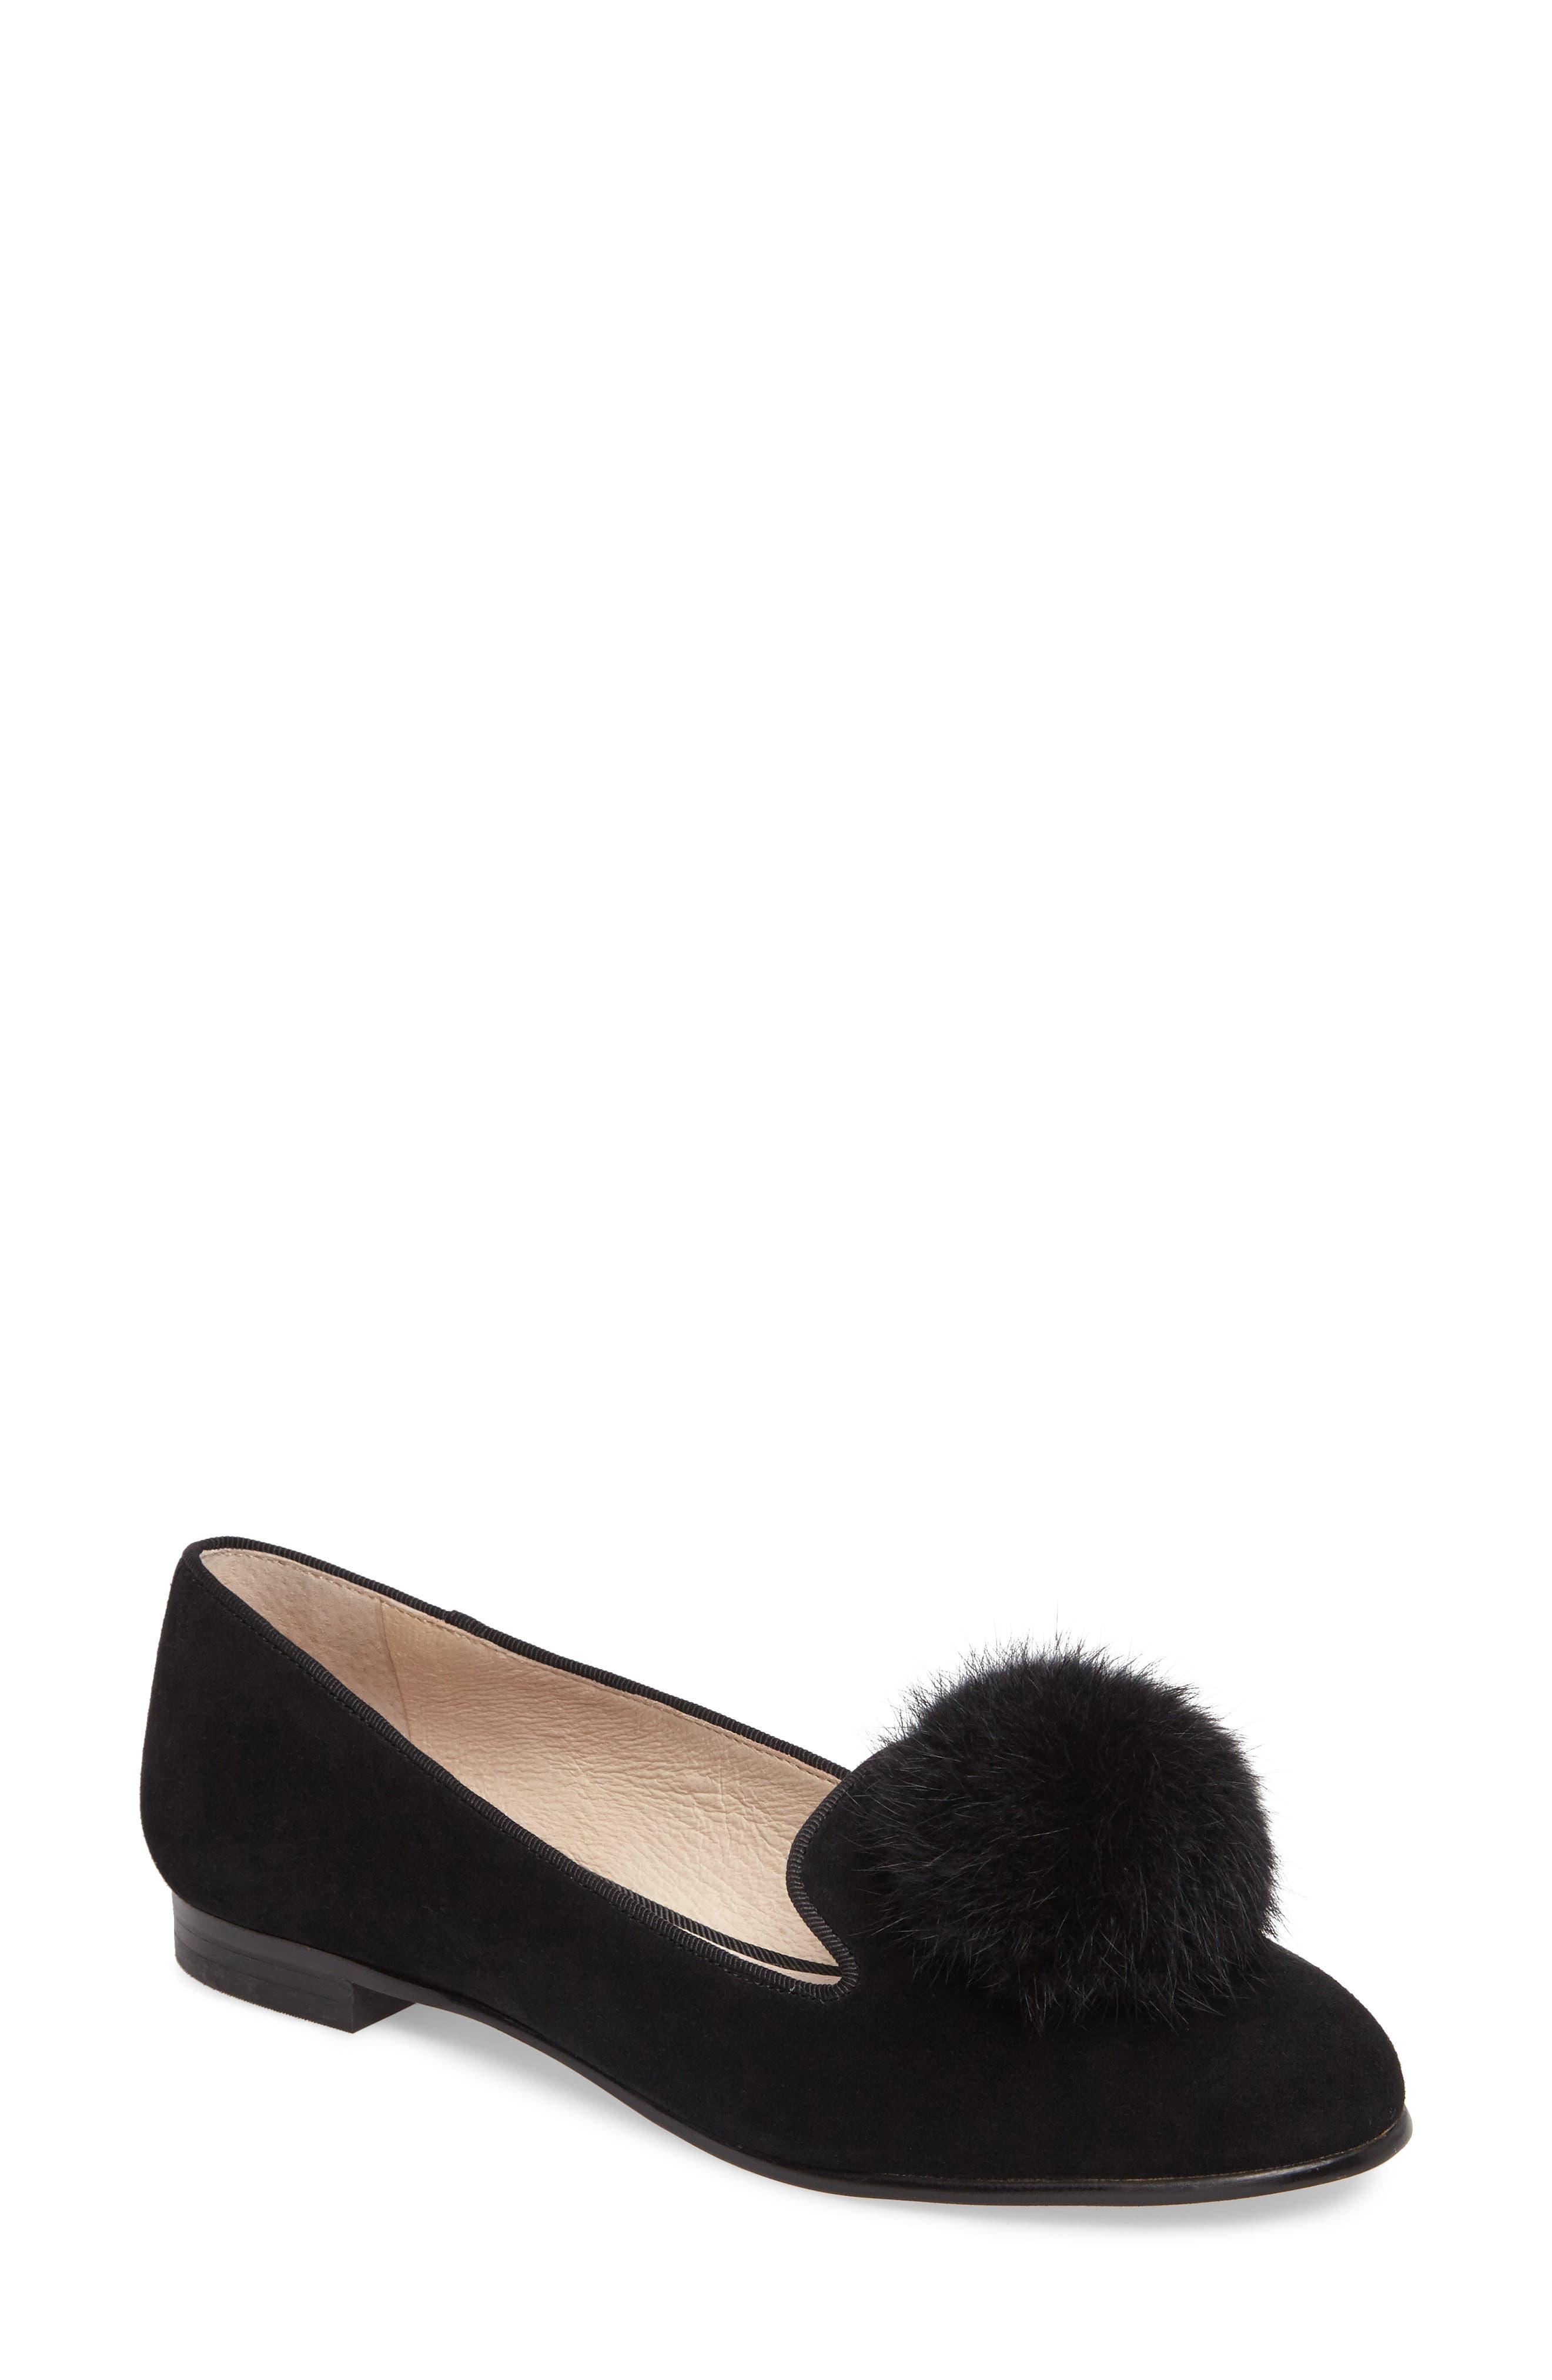 b074755260d5 pom pom shoes